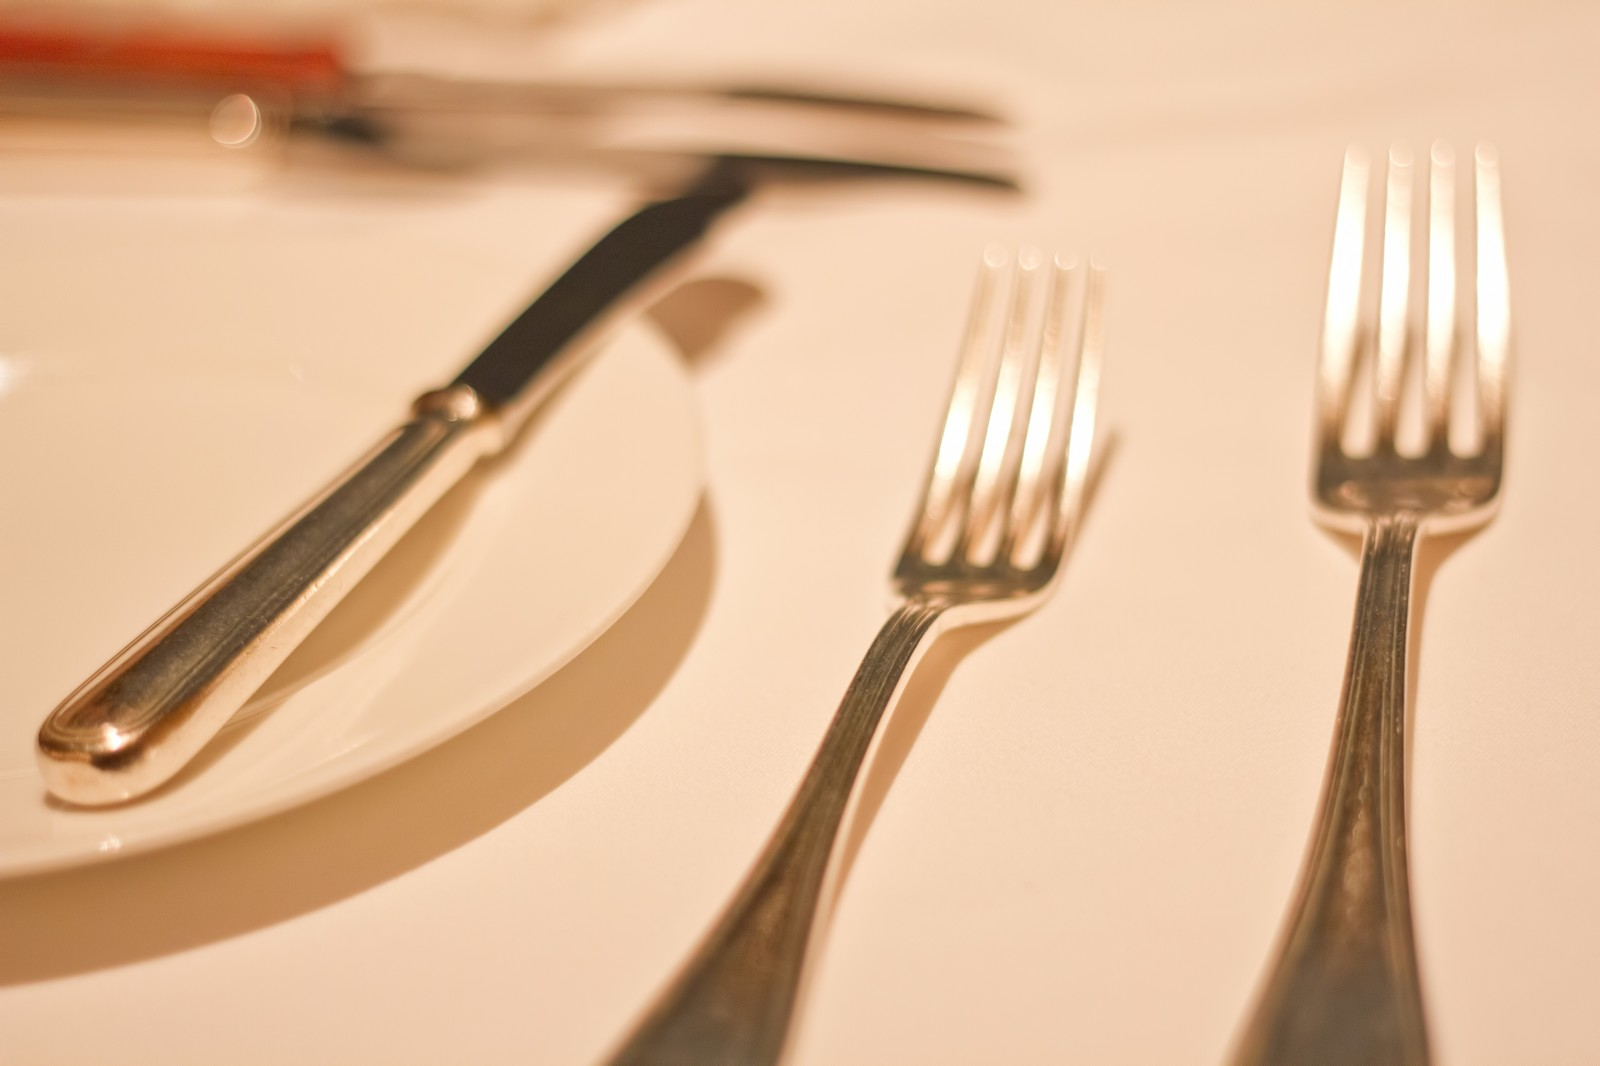 「銀のフォークとお皿」の写真